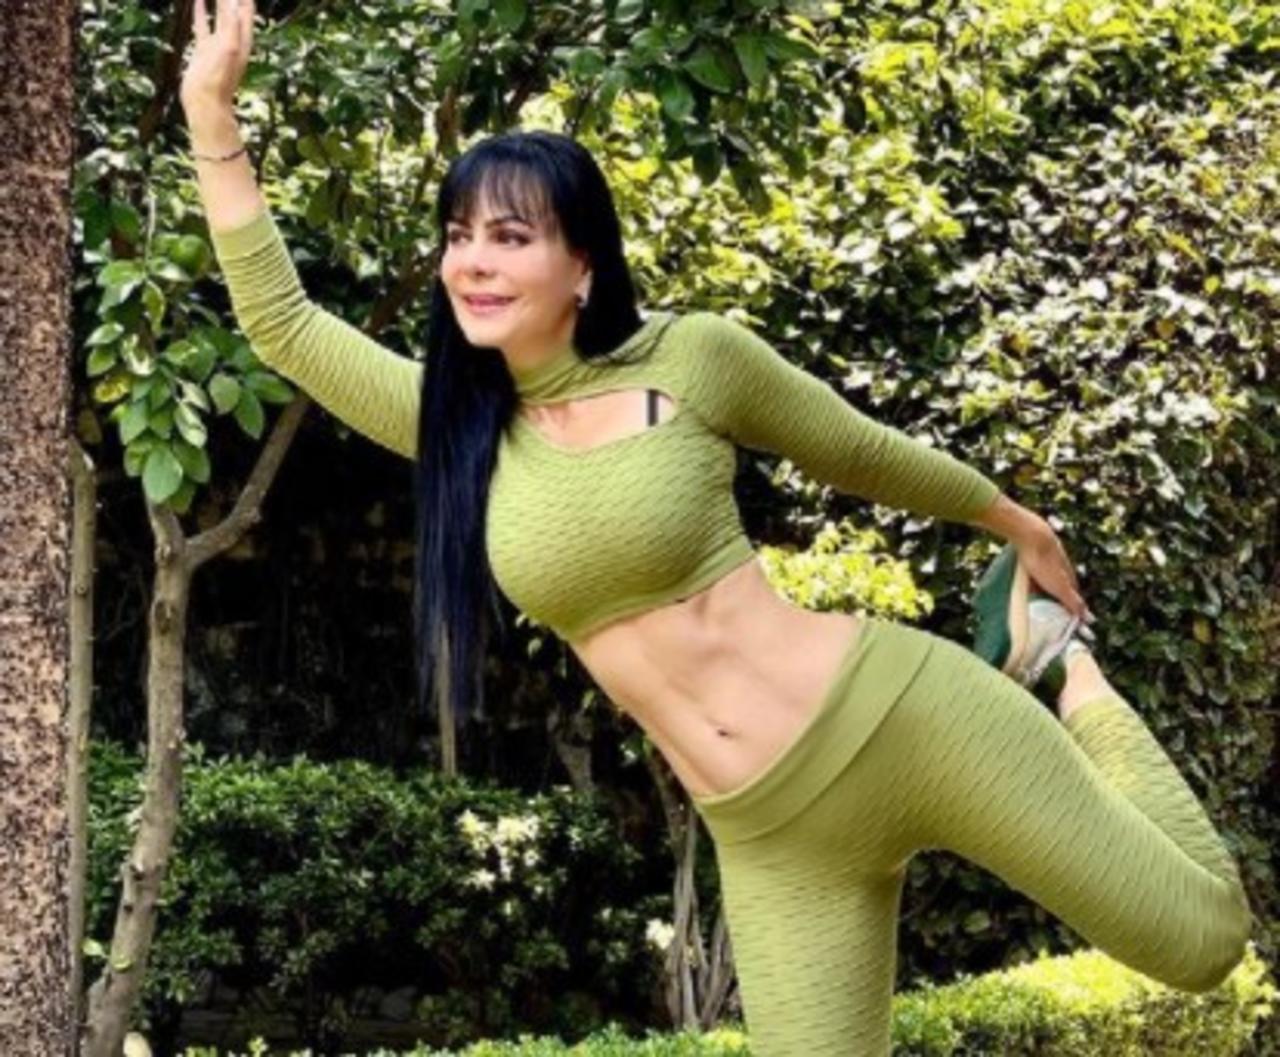 Maribel Guardia presume íntimo tatuaje y pequeña cintura desde el gym